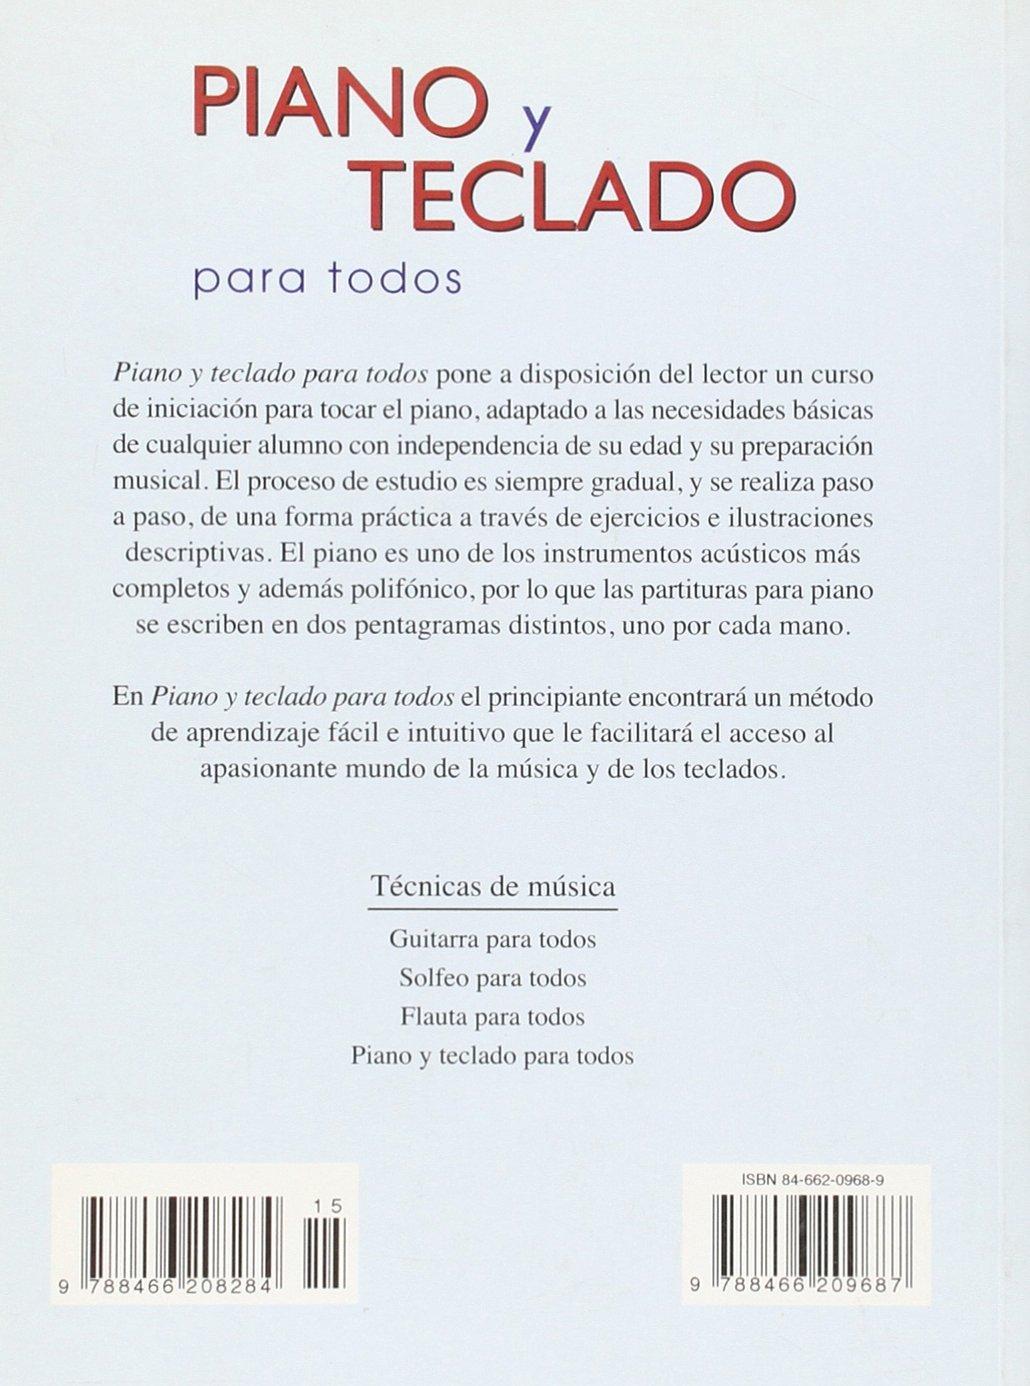 Piano Y Teclado Para Todos / Piano and Keyboard for Everyone (Tecnicas De Musica / Music Techniques) (Spanish Edition): Jose Antonio Berzal: 9788466209687: ...